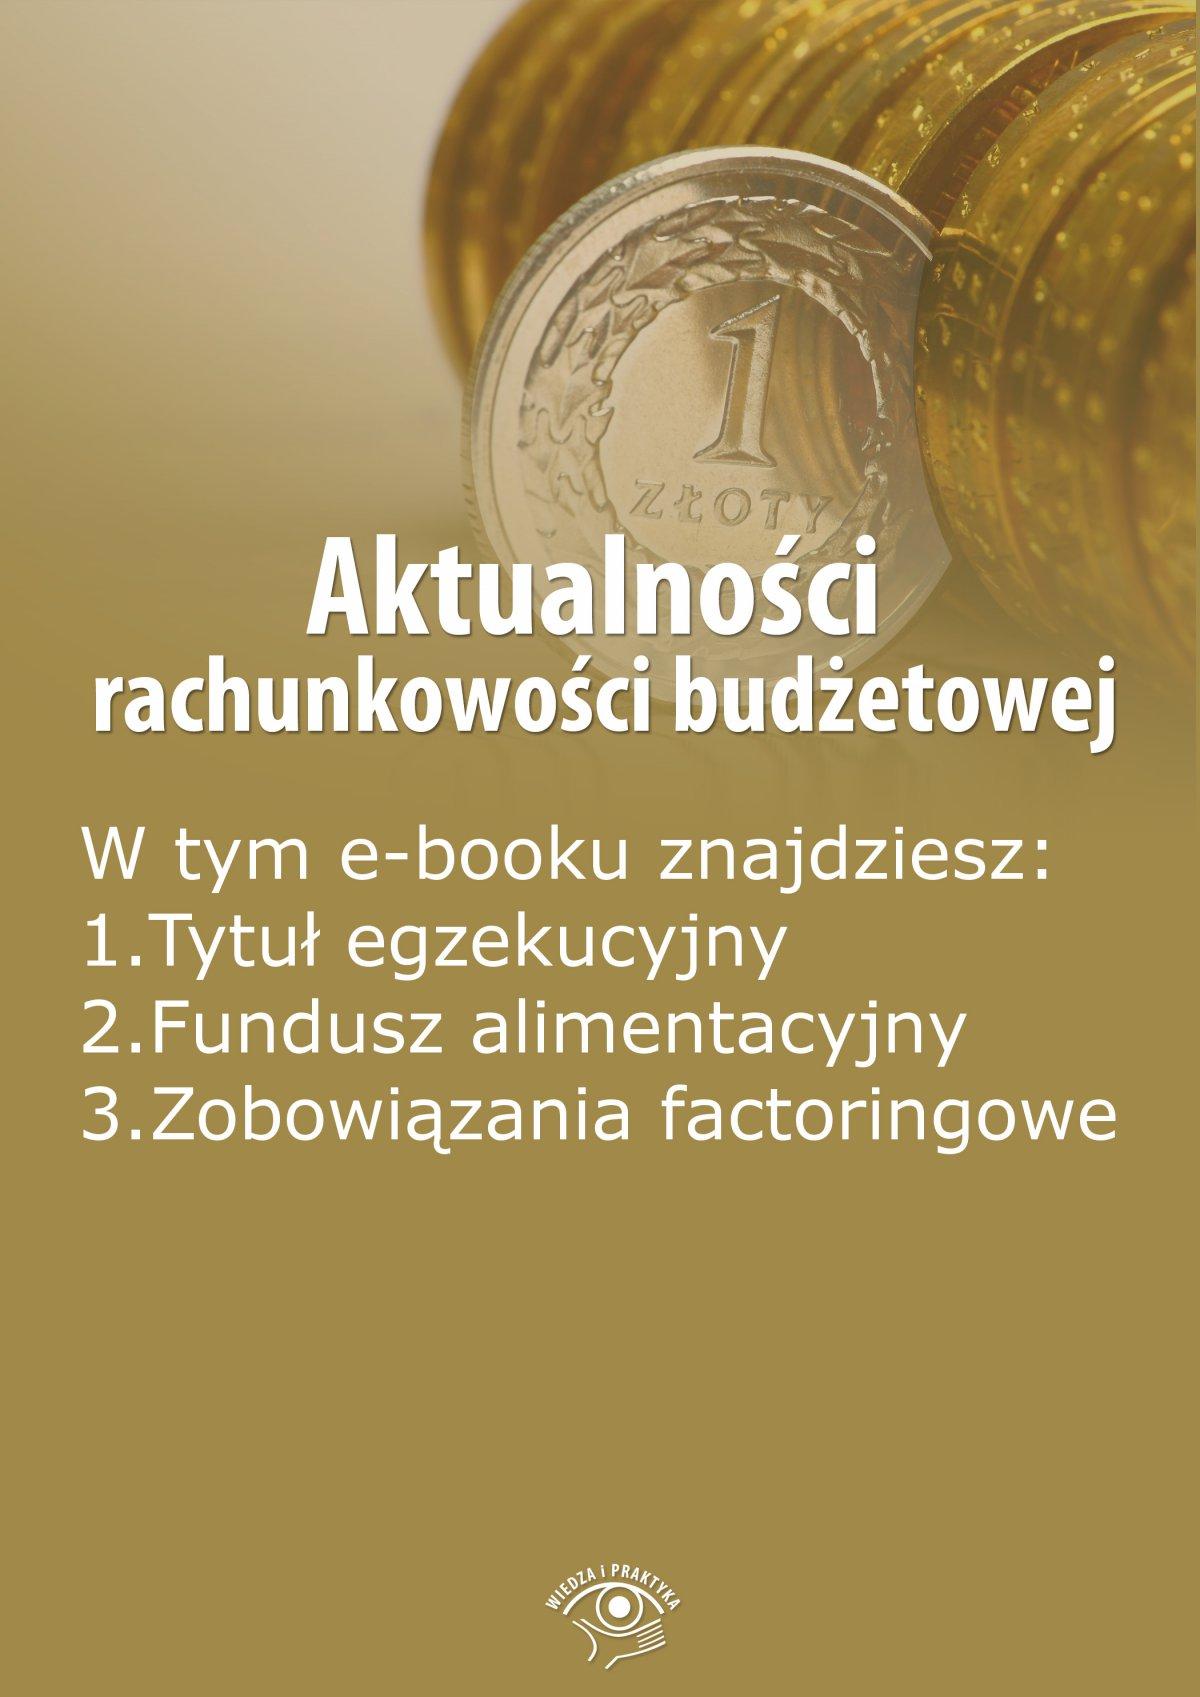 Aktualności rachunkowości budżetowej, wydanie sierpień-wrzesień 2014 r. - Ebook (Książka EPUB) do pobrania w formacie EPUB